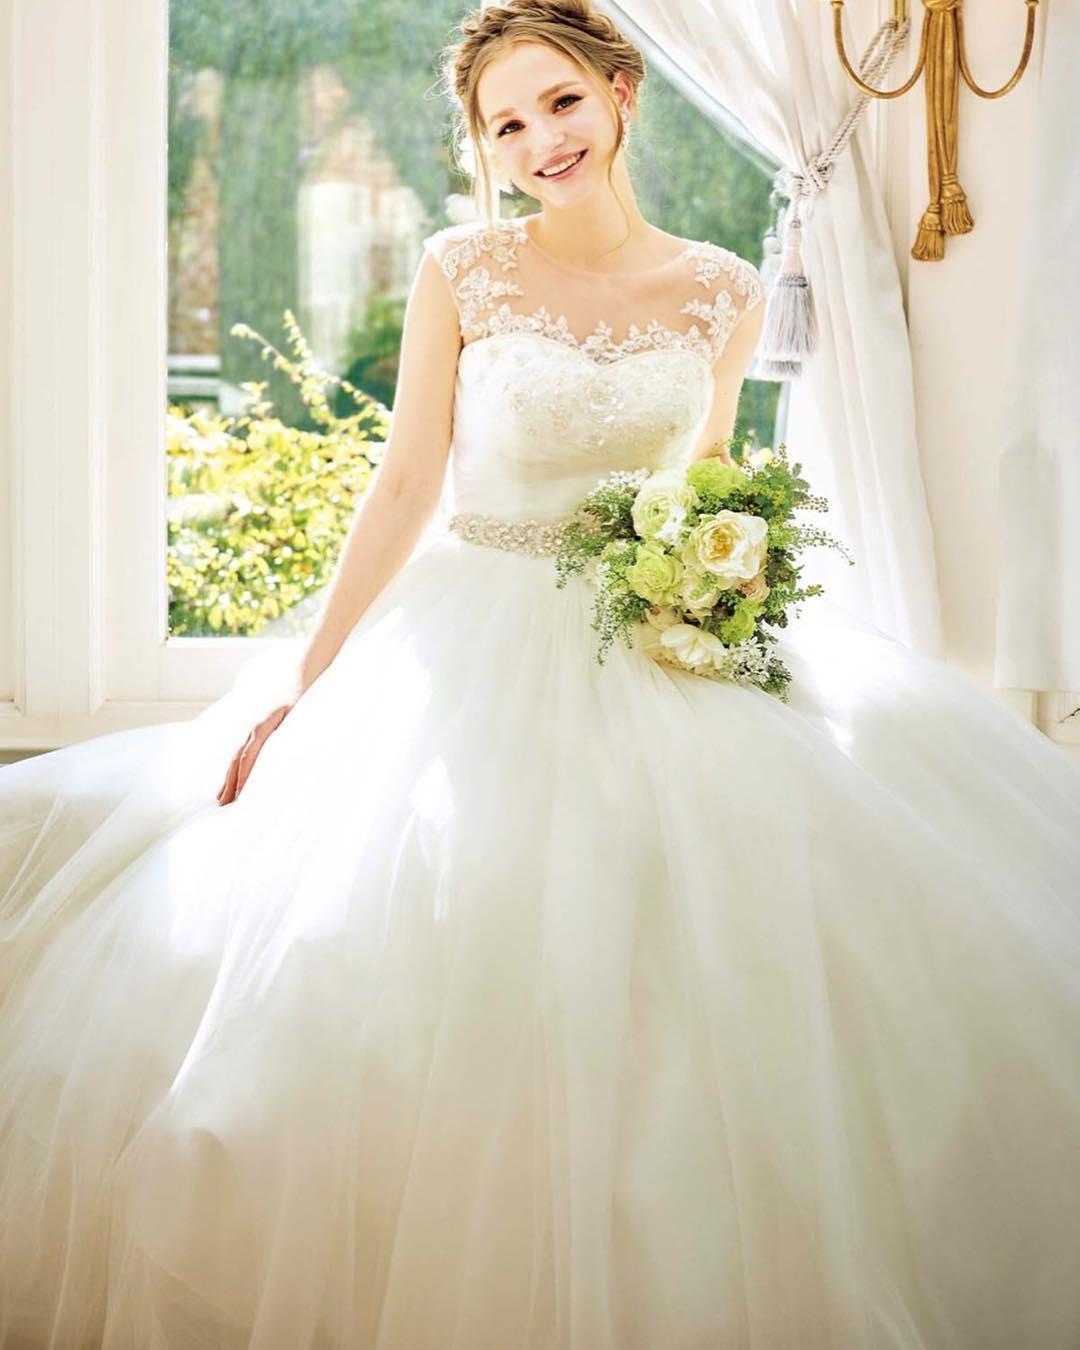 .座っている時のスカートの広がり方も、ウェディングドレスの魅力のひとつですね.こちらのドレスの試着にはお取り寄せが必要ですので、事前のご予約をお願い致します(๑・̑◡・̑๑).#ブライダルヒロ #bridalhiro#ウェディングドレス#カラードレス#ウェディングドレス試着#ウェディングドレスレンタル#ドレス迷子#ブライダル#ドレスレンタル#貸衣装#ドレスショップ#プレ花嫁#全国のプレ花嫁さんと繋がりたい #お色直し#披露宴#結婚式#チュールドレス